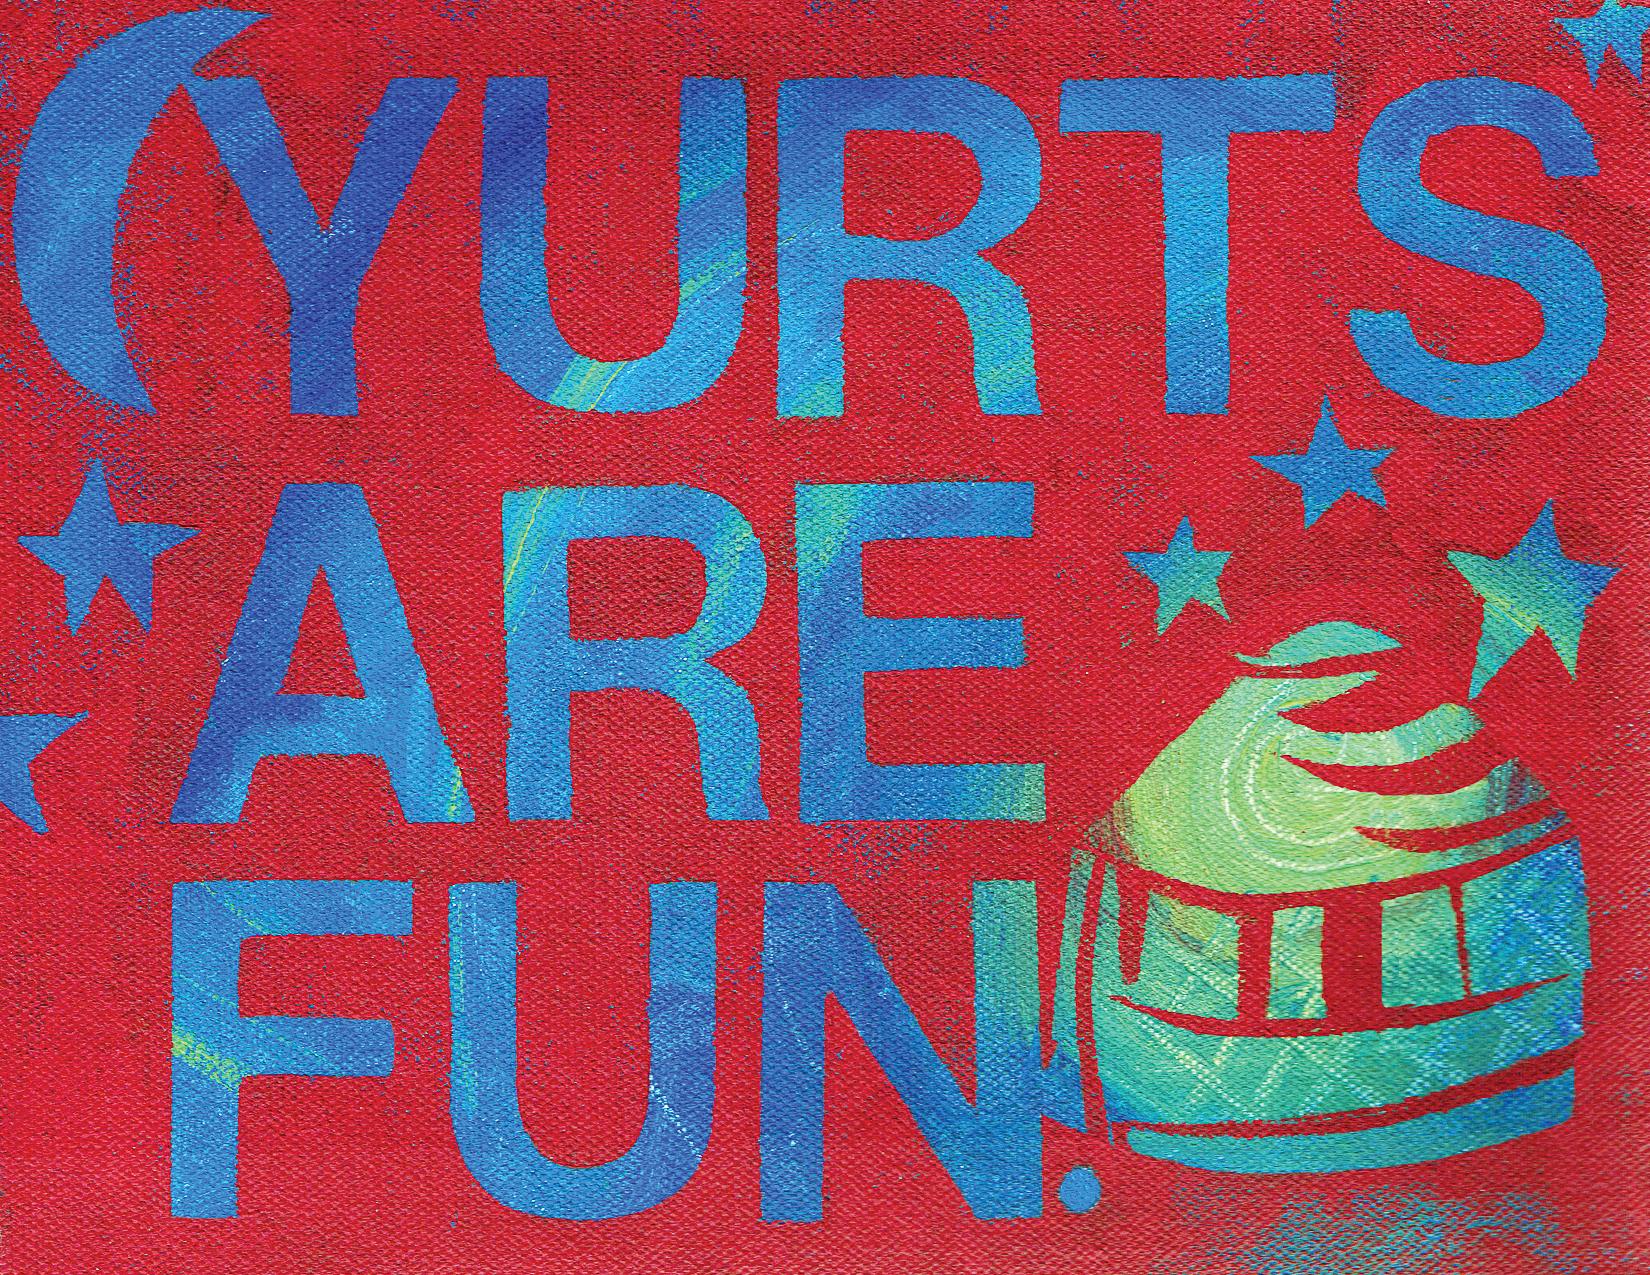 Yurts Are Fun